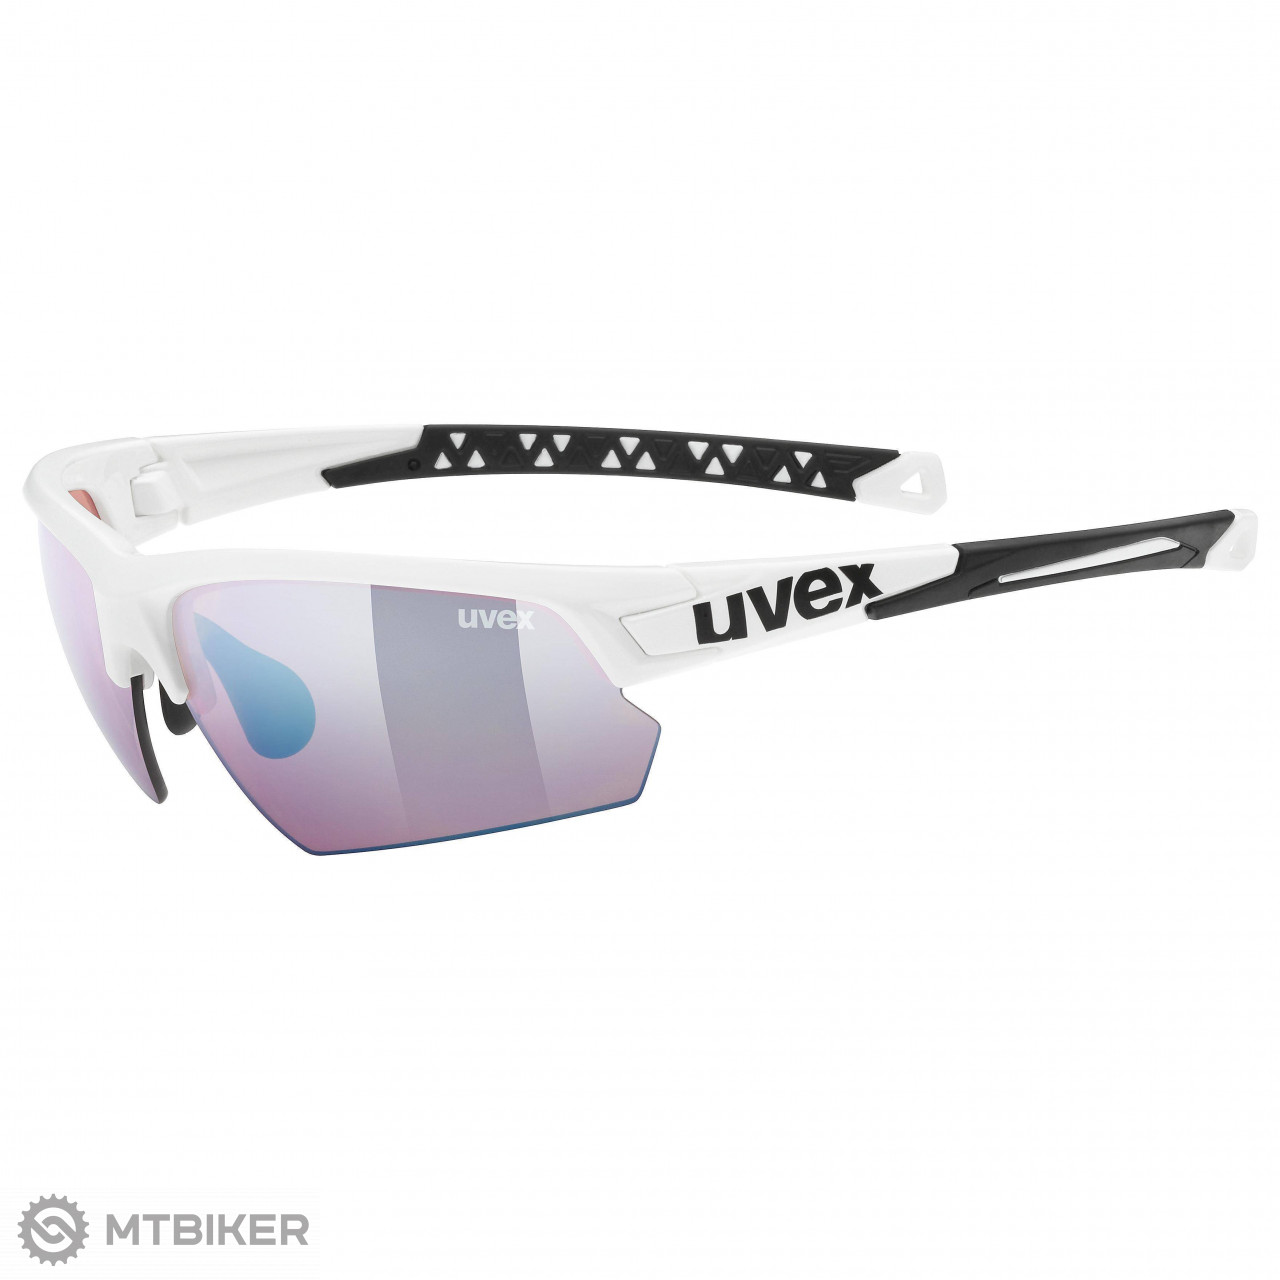 9c76c1376 Uvex Sportstyle 224 ColorVision športové okuliare biele - MTBIKER Shop